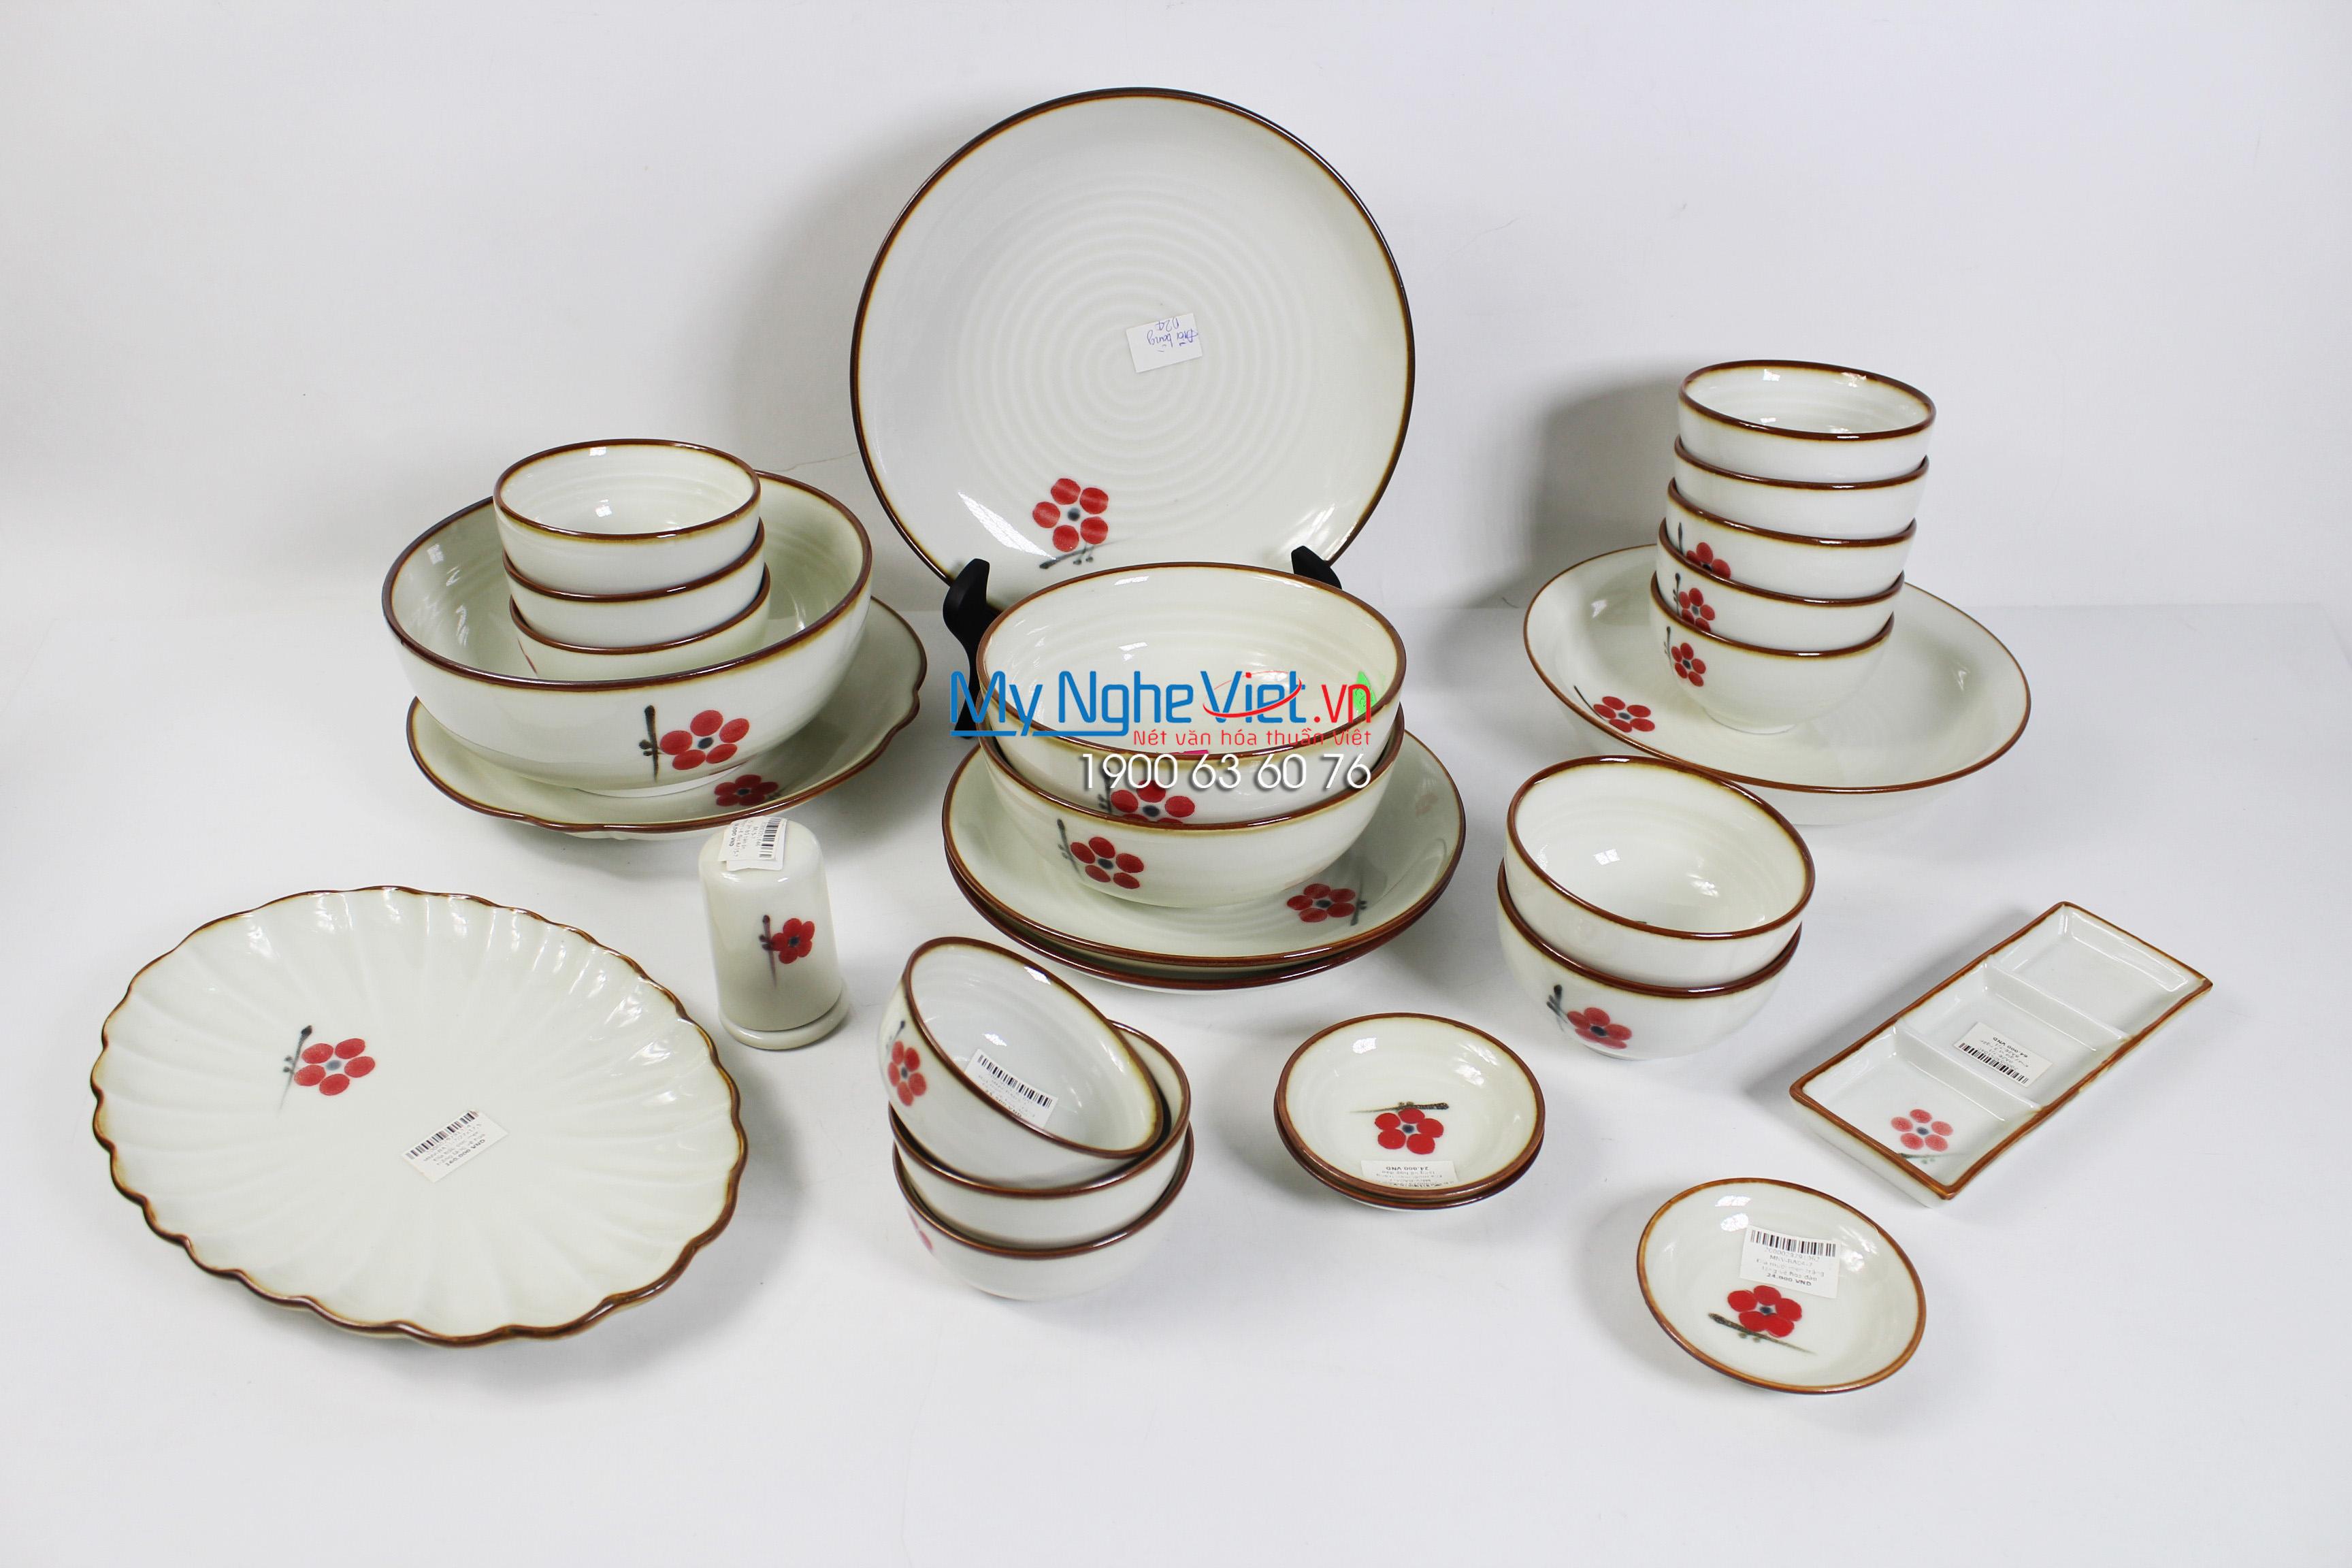 Bộ chén dĩa bàn ăn men kem vẽ hoa đào đỏ 10 người - số 1 BBA27-7